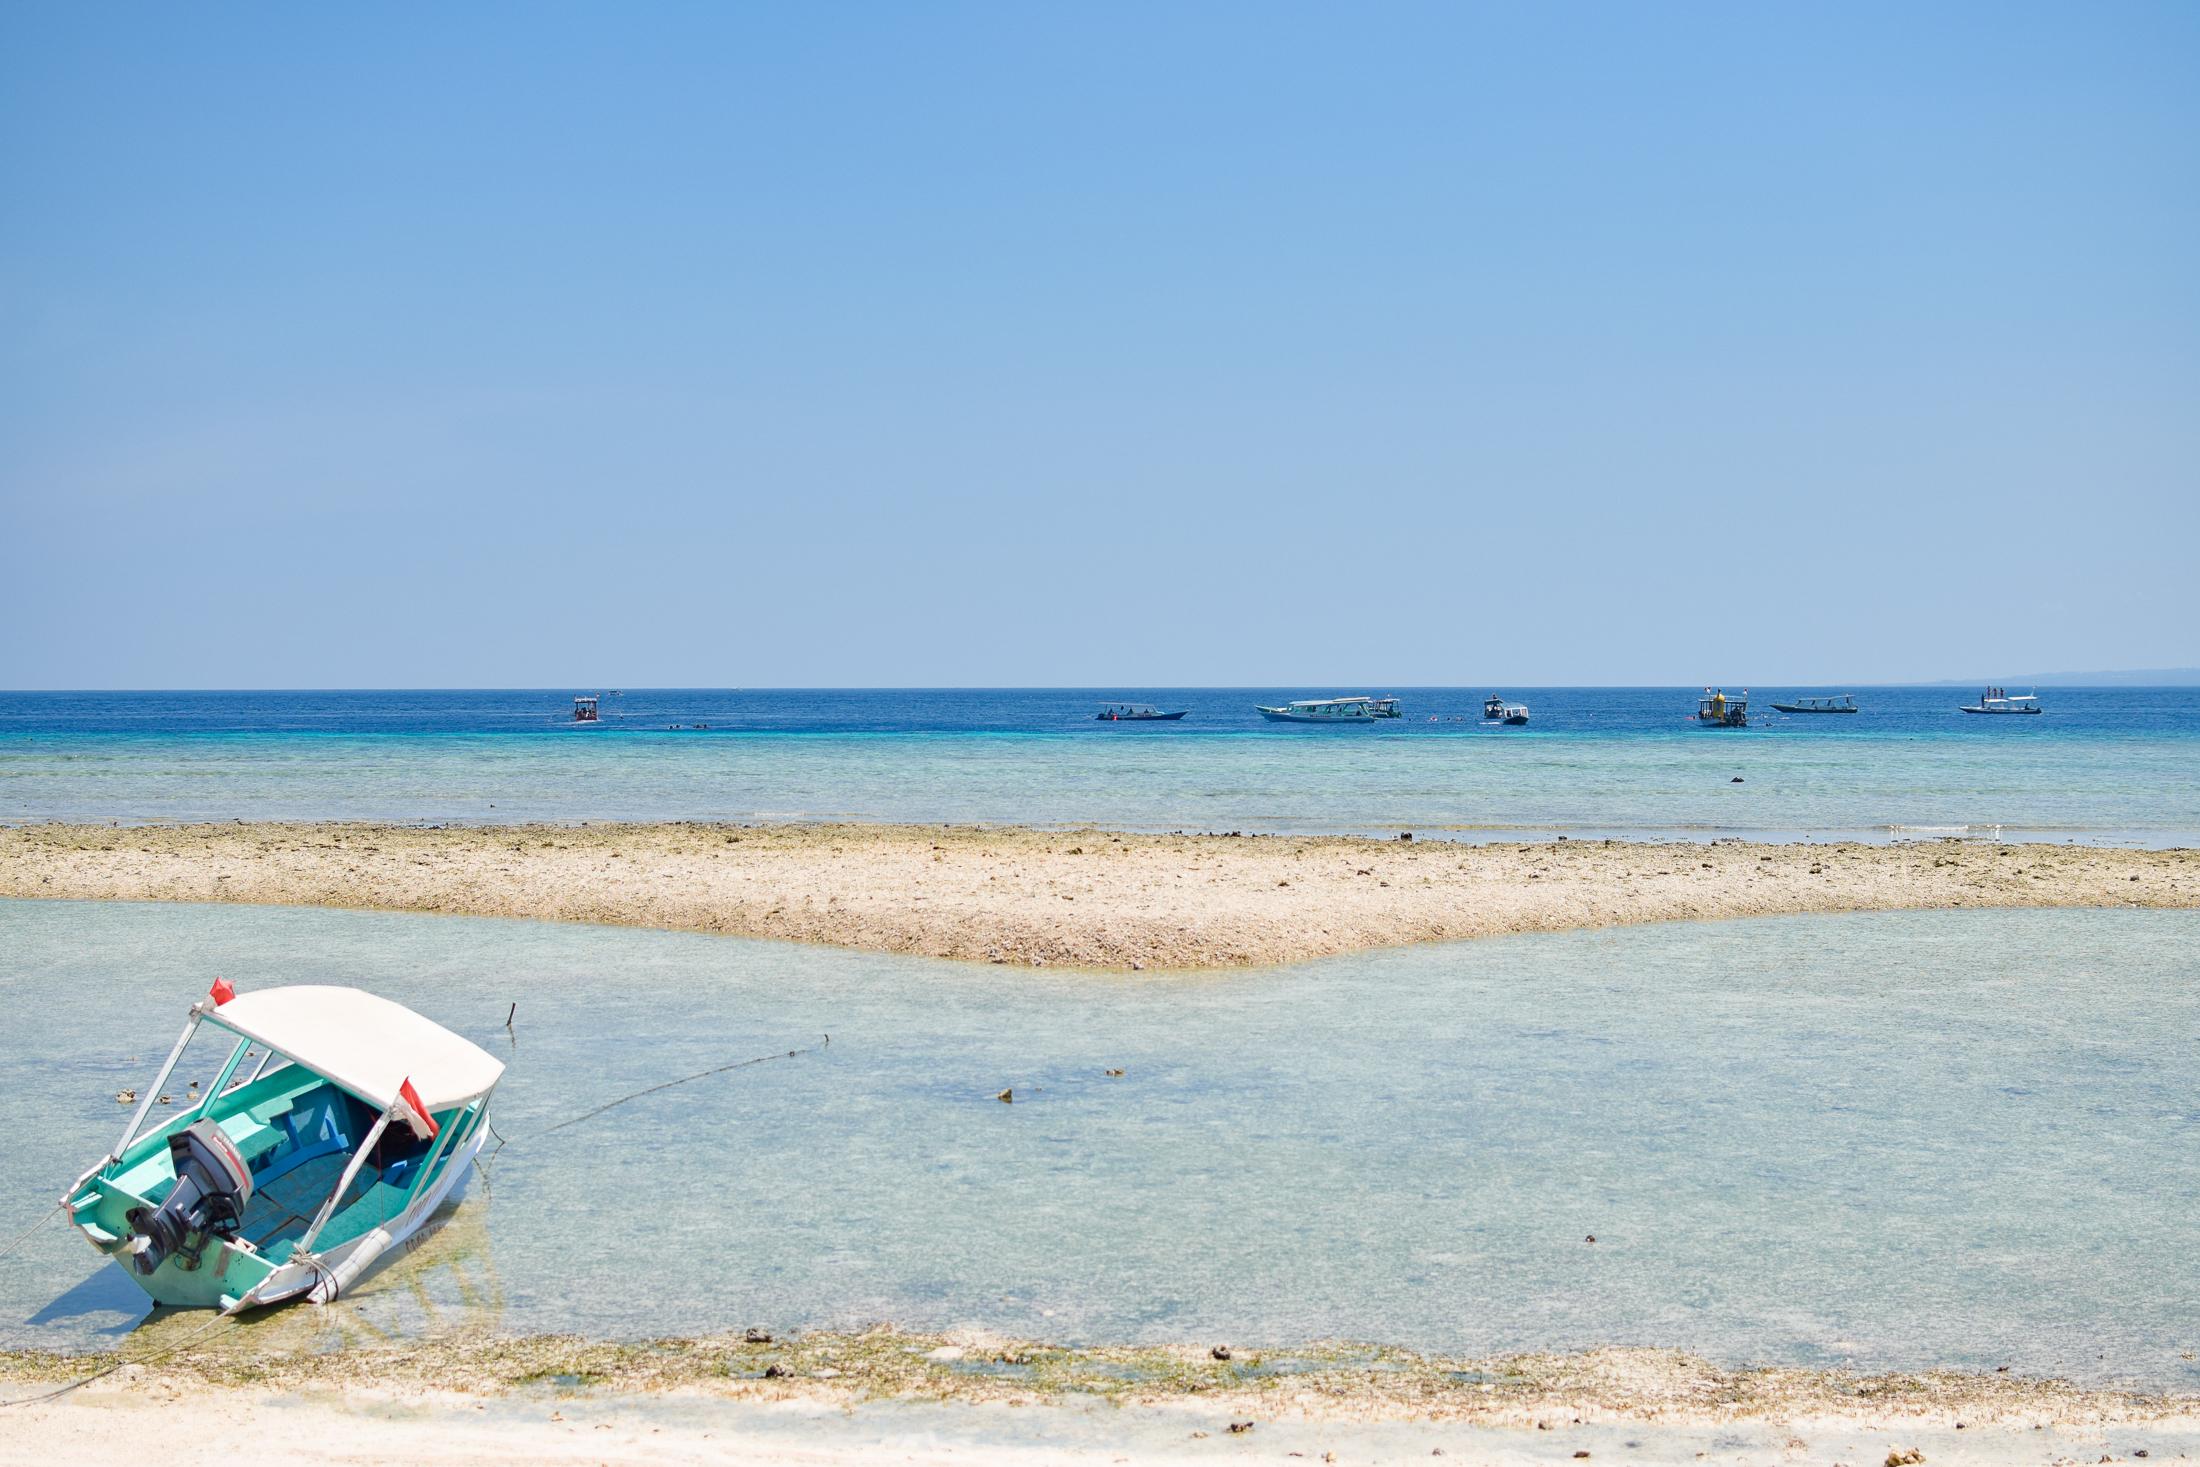 båt vid strandkanten.